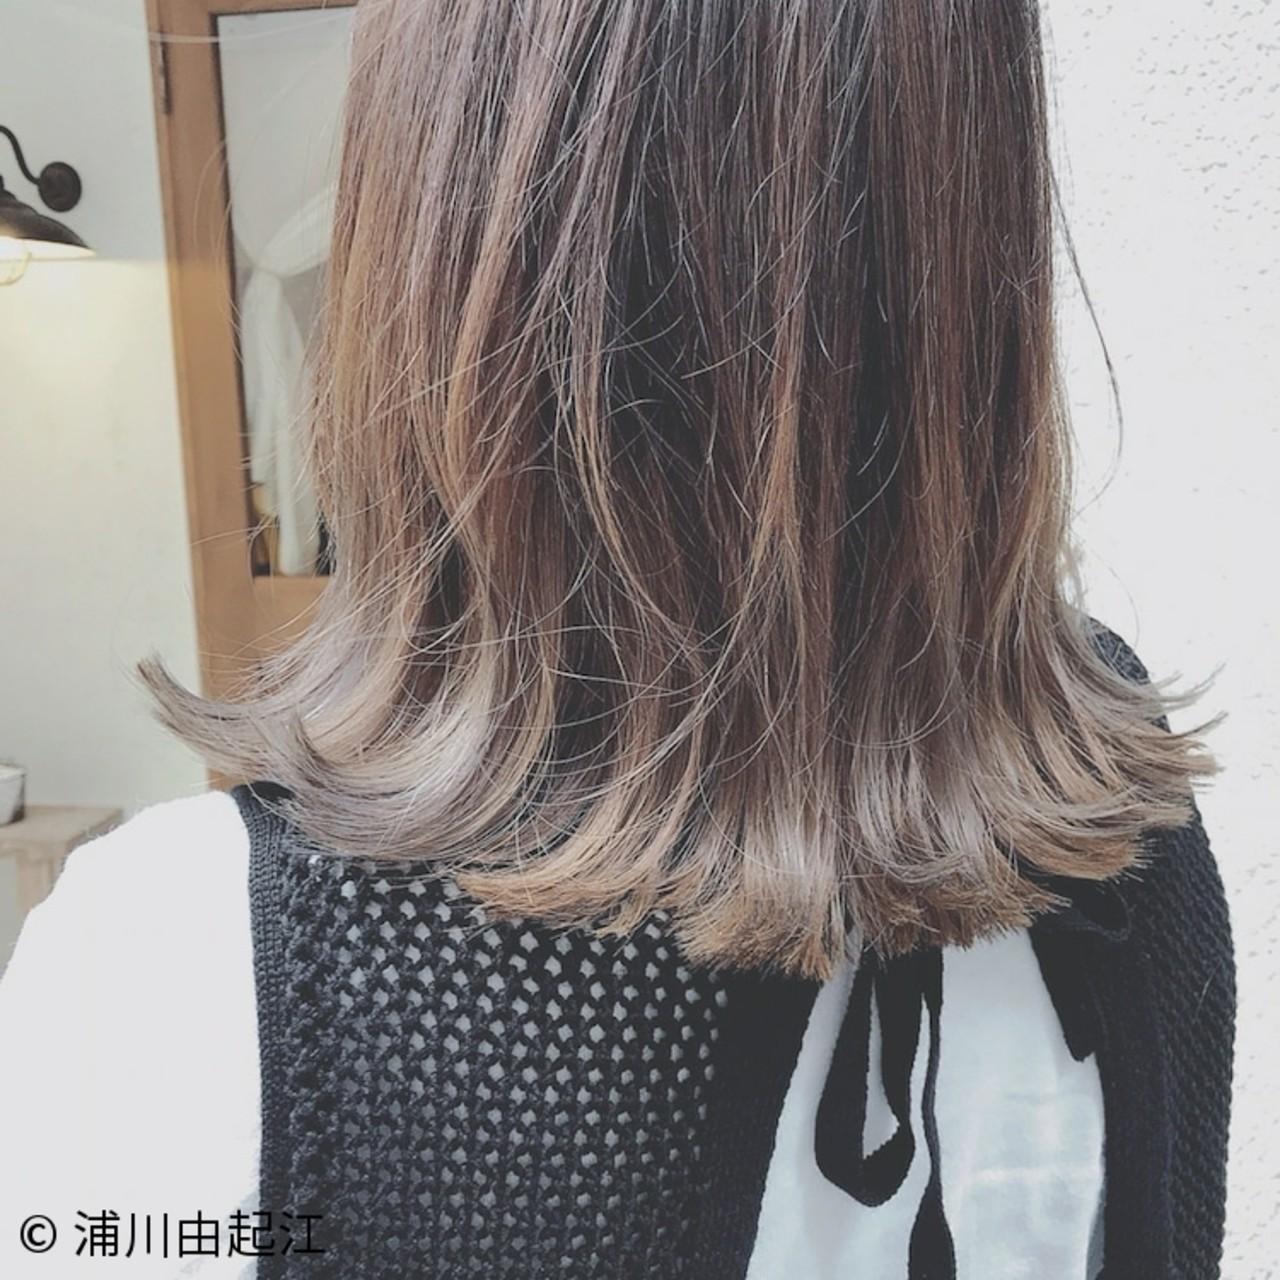 ミディアム ハイライト ゆるふわ 大人かわいい ヘアスタイルや髪型の写真・画像